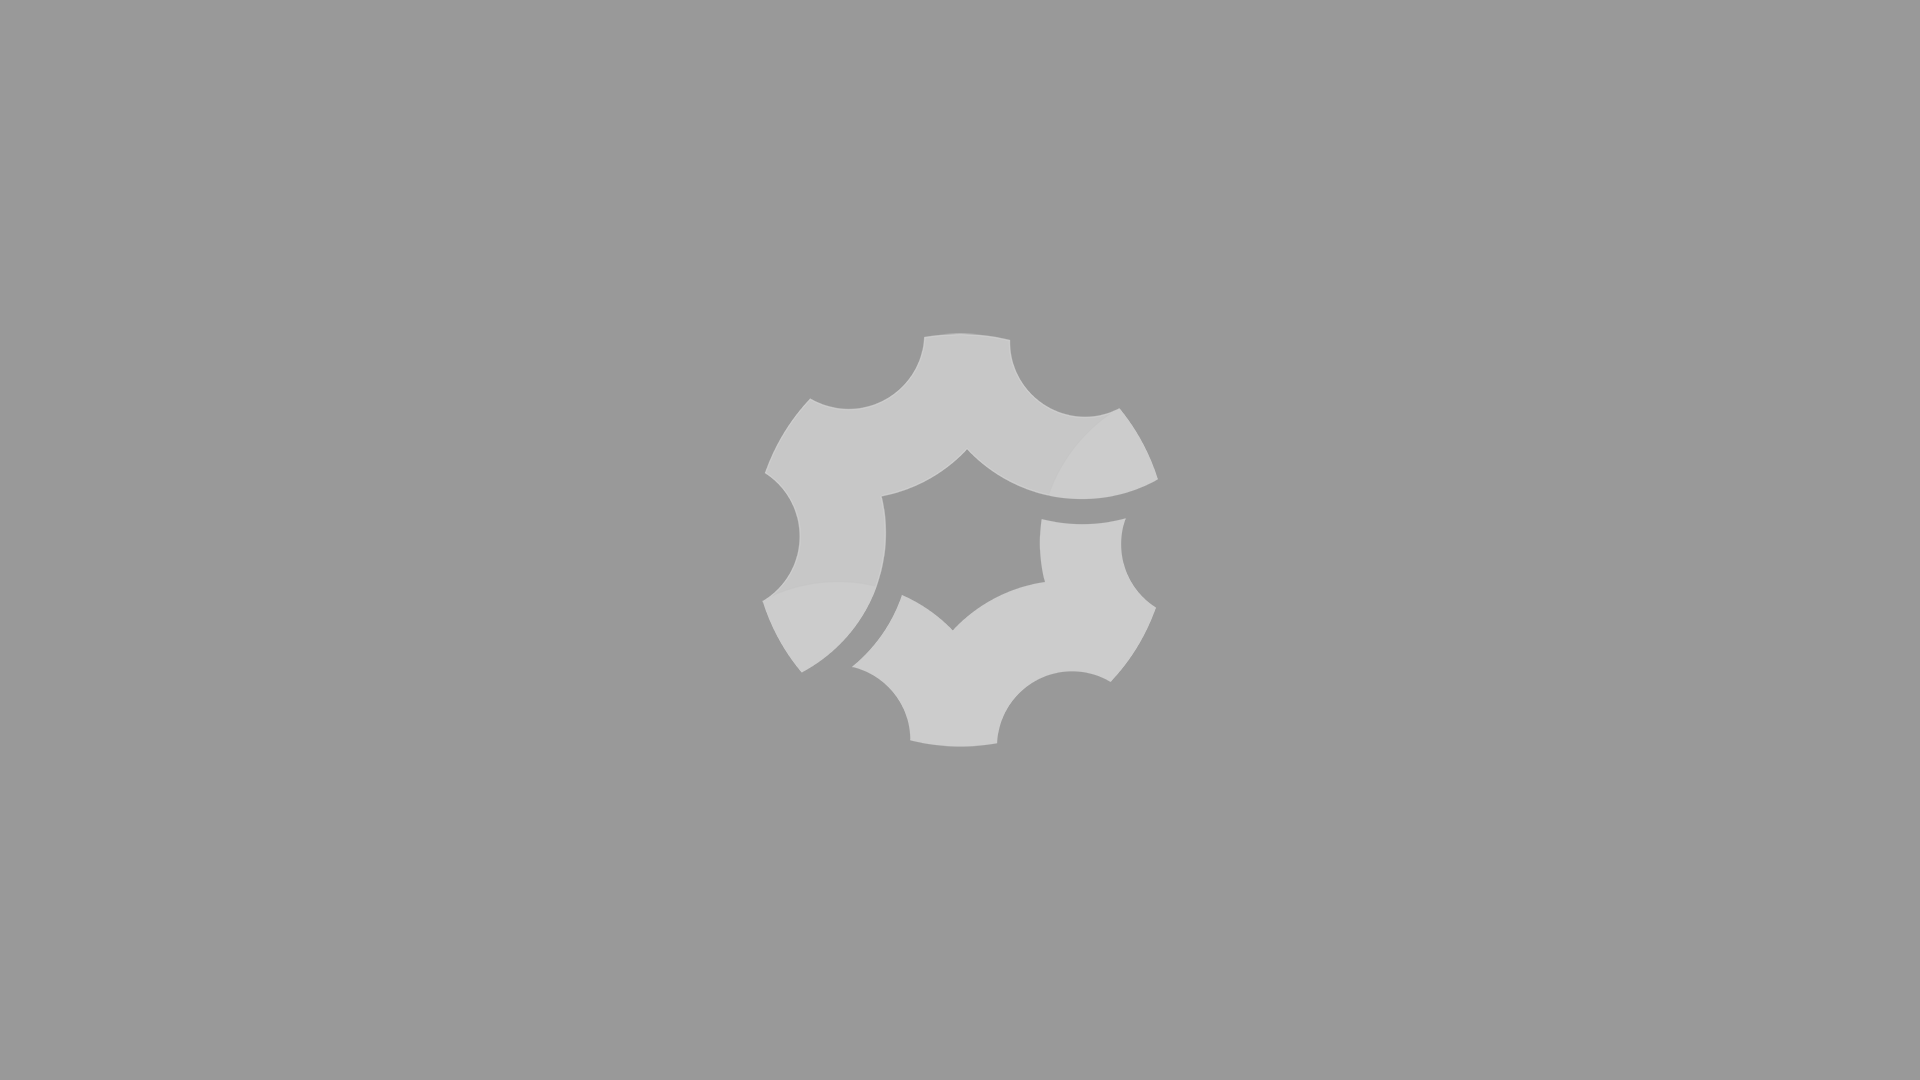 snowrunner_ksiva_p_d7b4f_2021-04-18_11_46_53.png